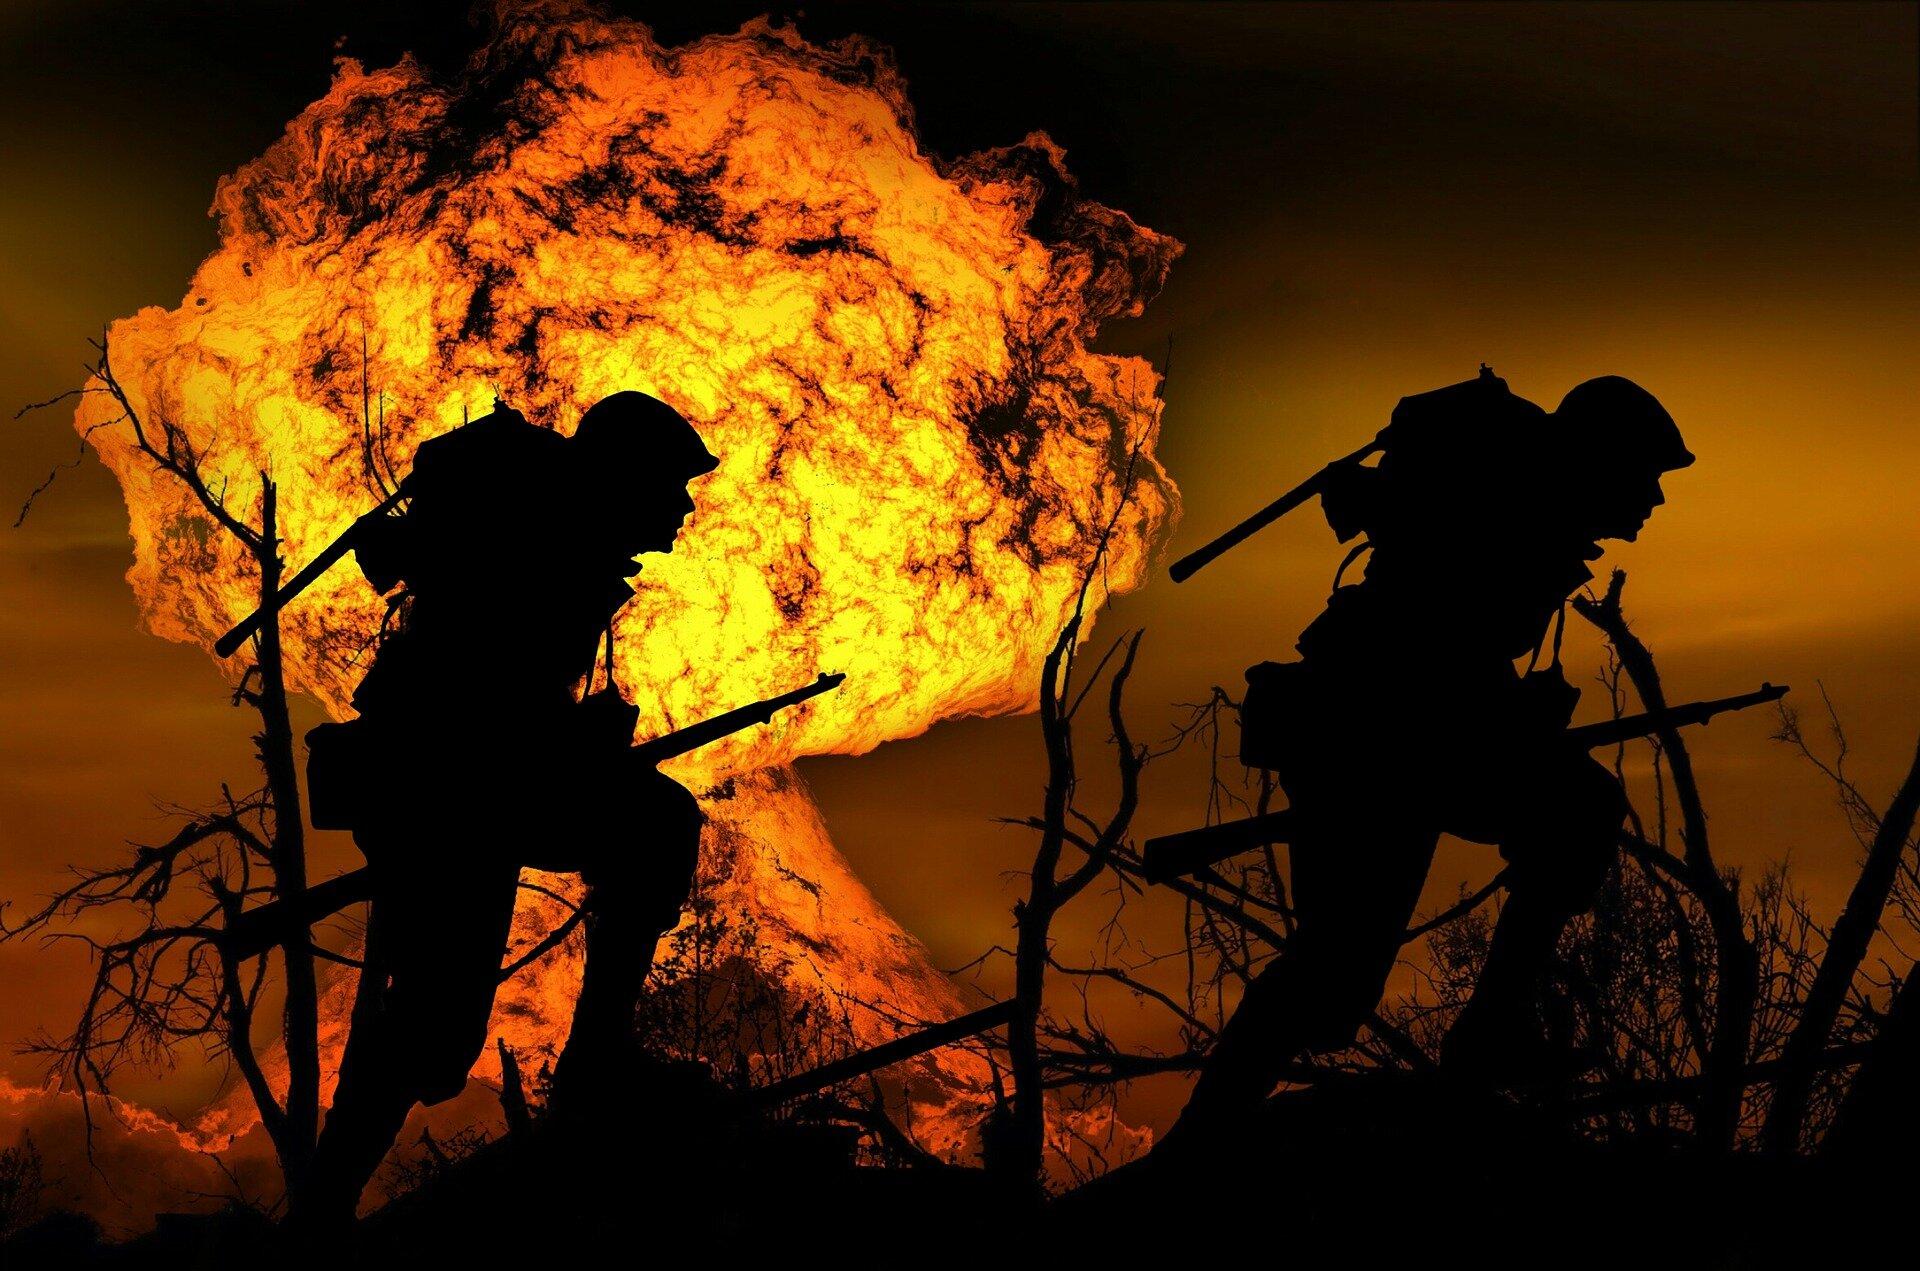 explosion-3080734_1920.jpg